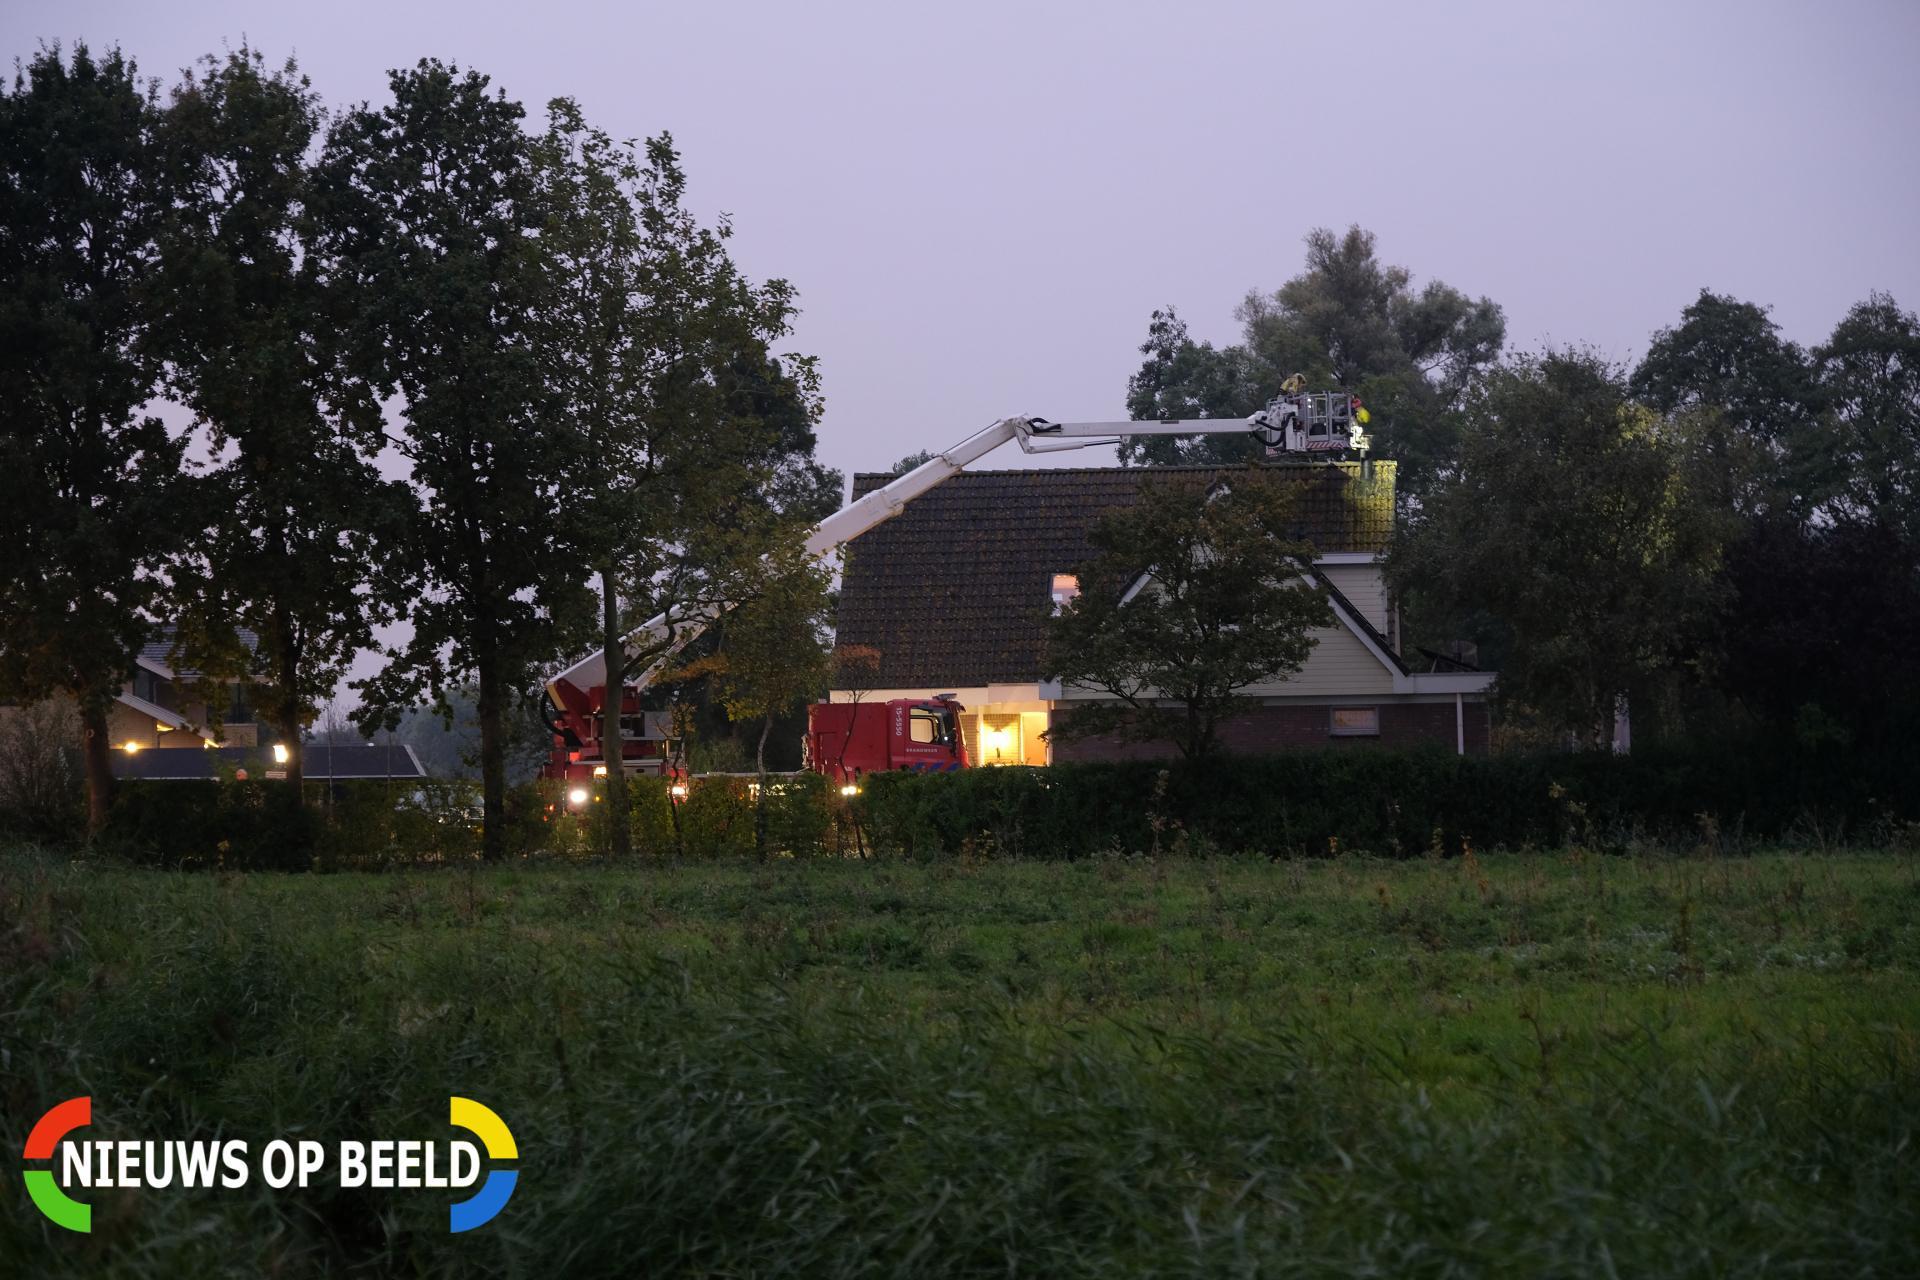 Brandweer druk met schoorsteenbrand Laakweg Nootdorp